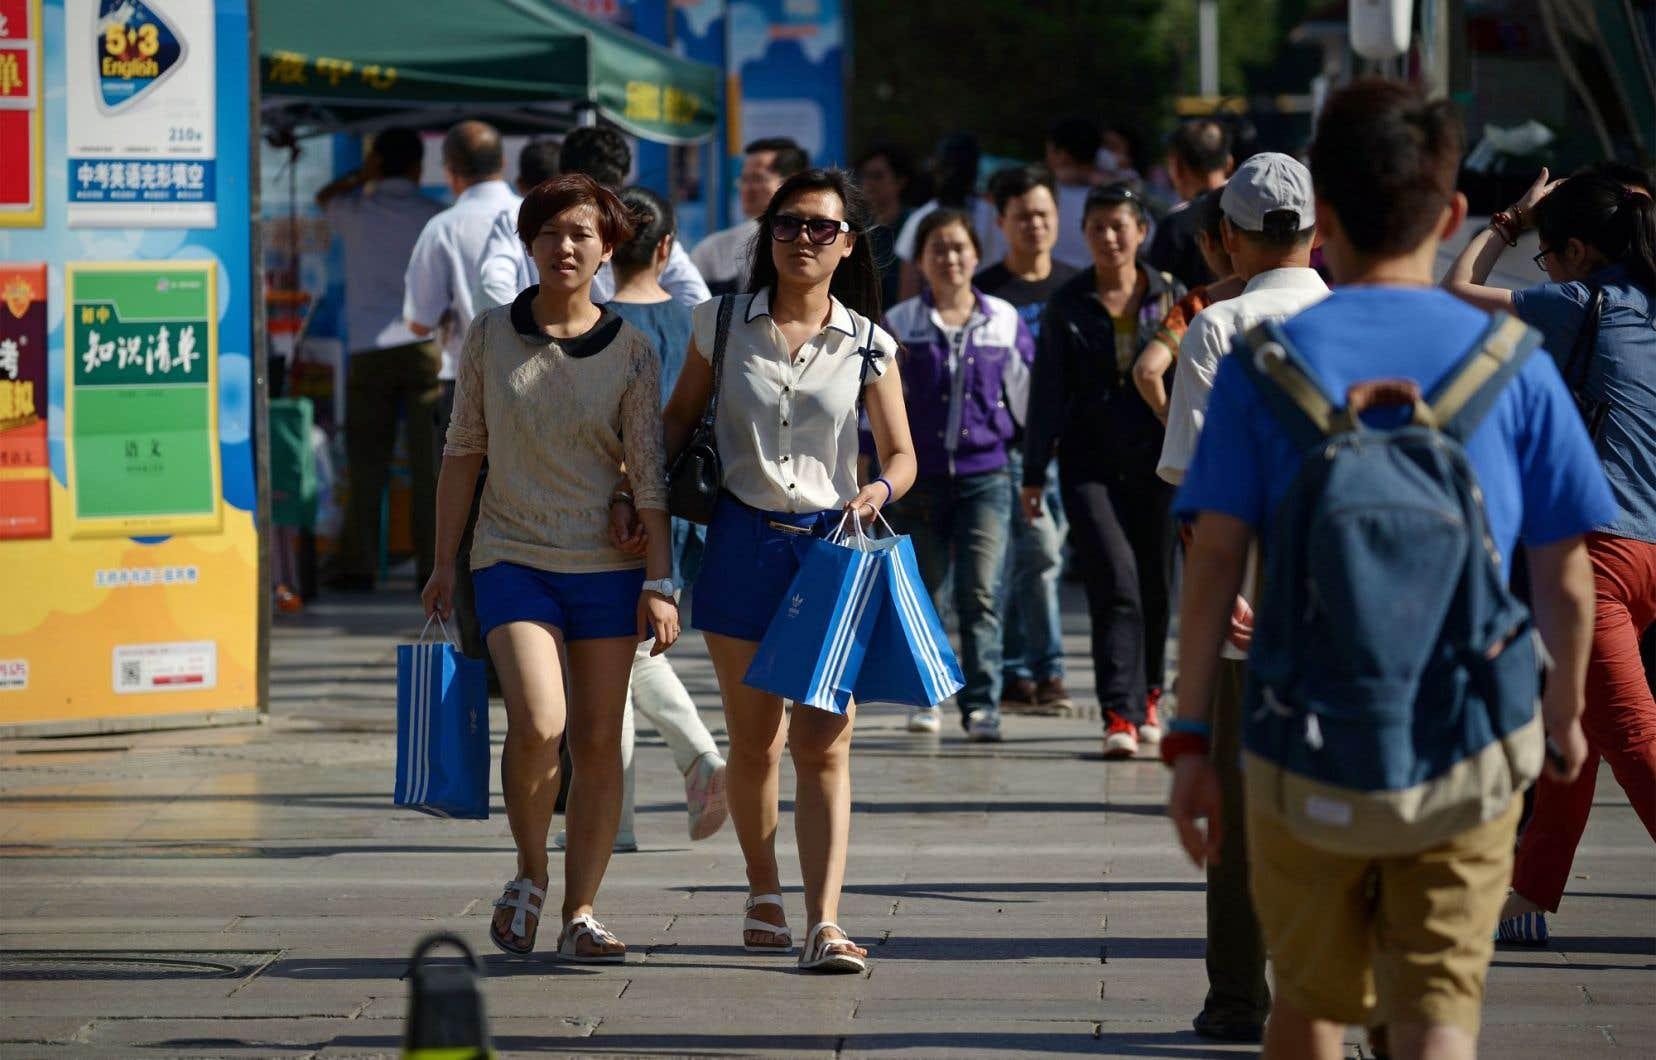 Pékin tente de reformuler son modèle économique pour s'appuyer davantage sur la consommation.